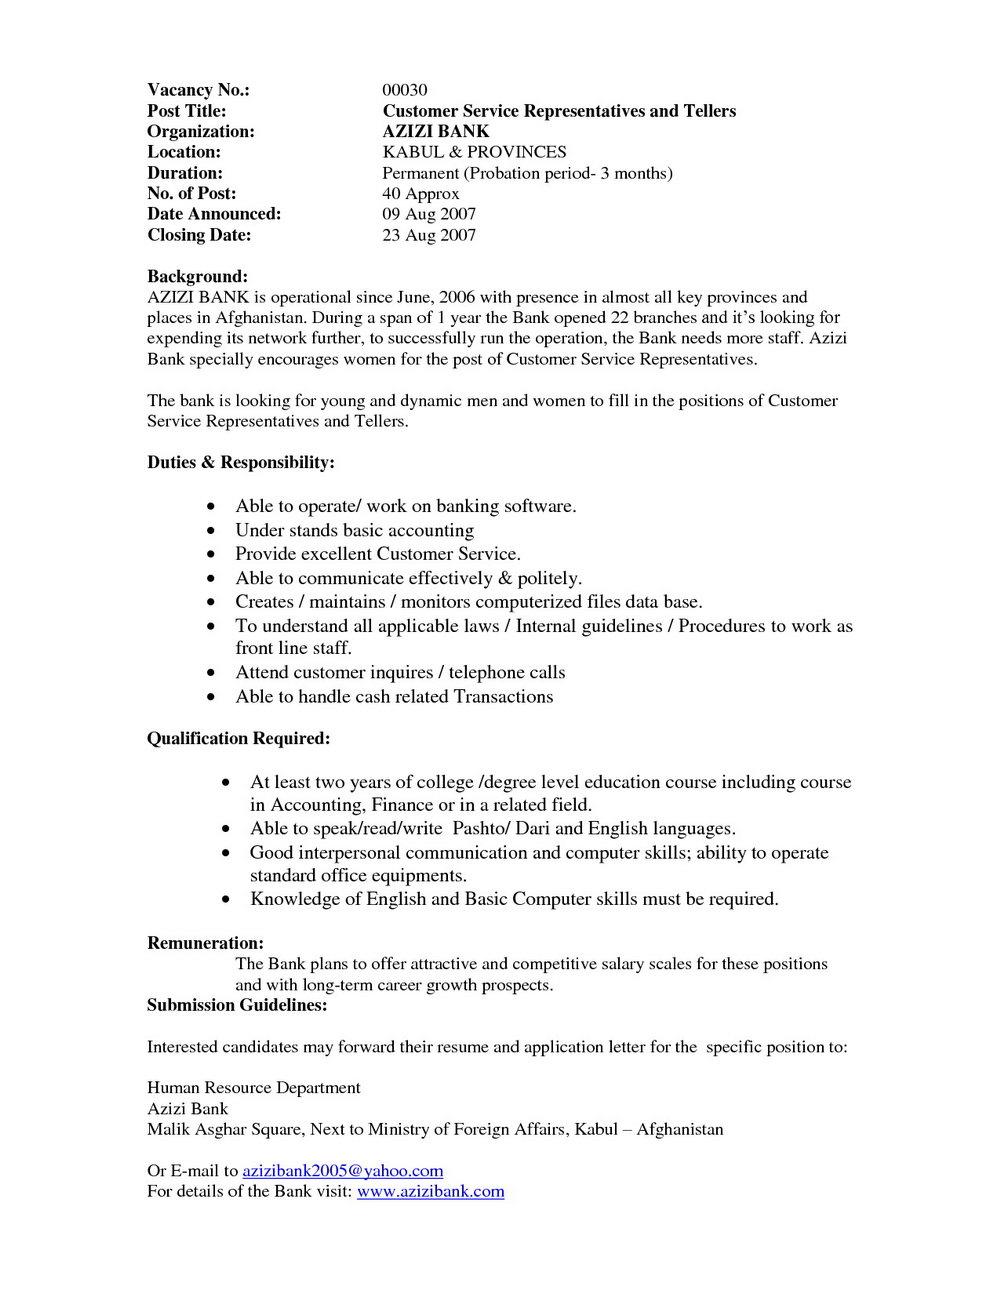 Sample Resume For Dot Net Developer Experience 1 Years